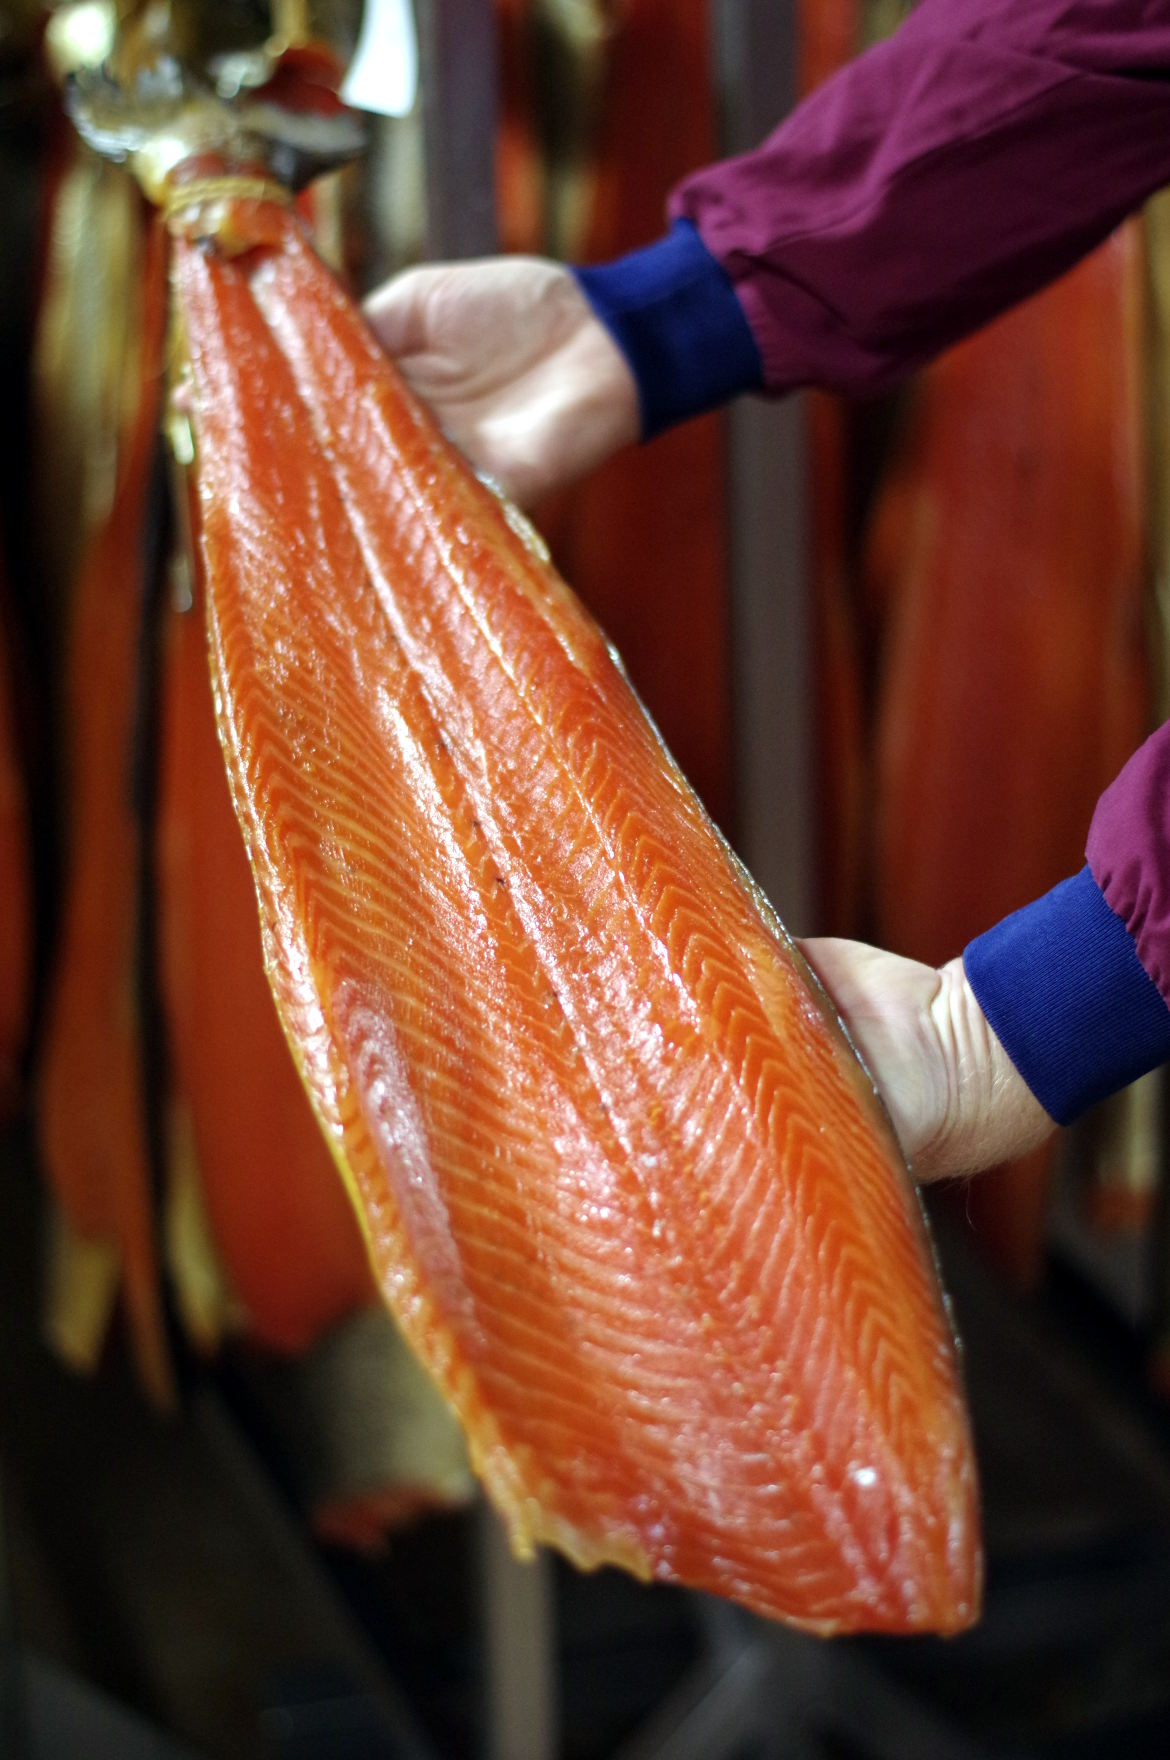 Polar salmon